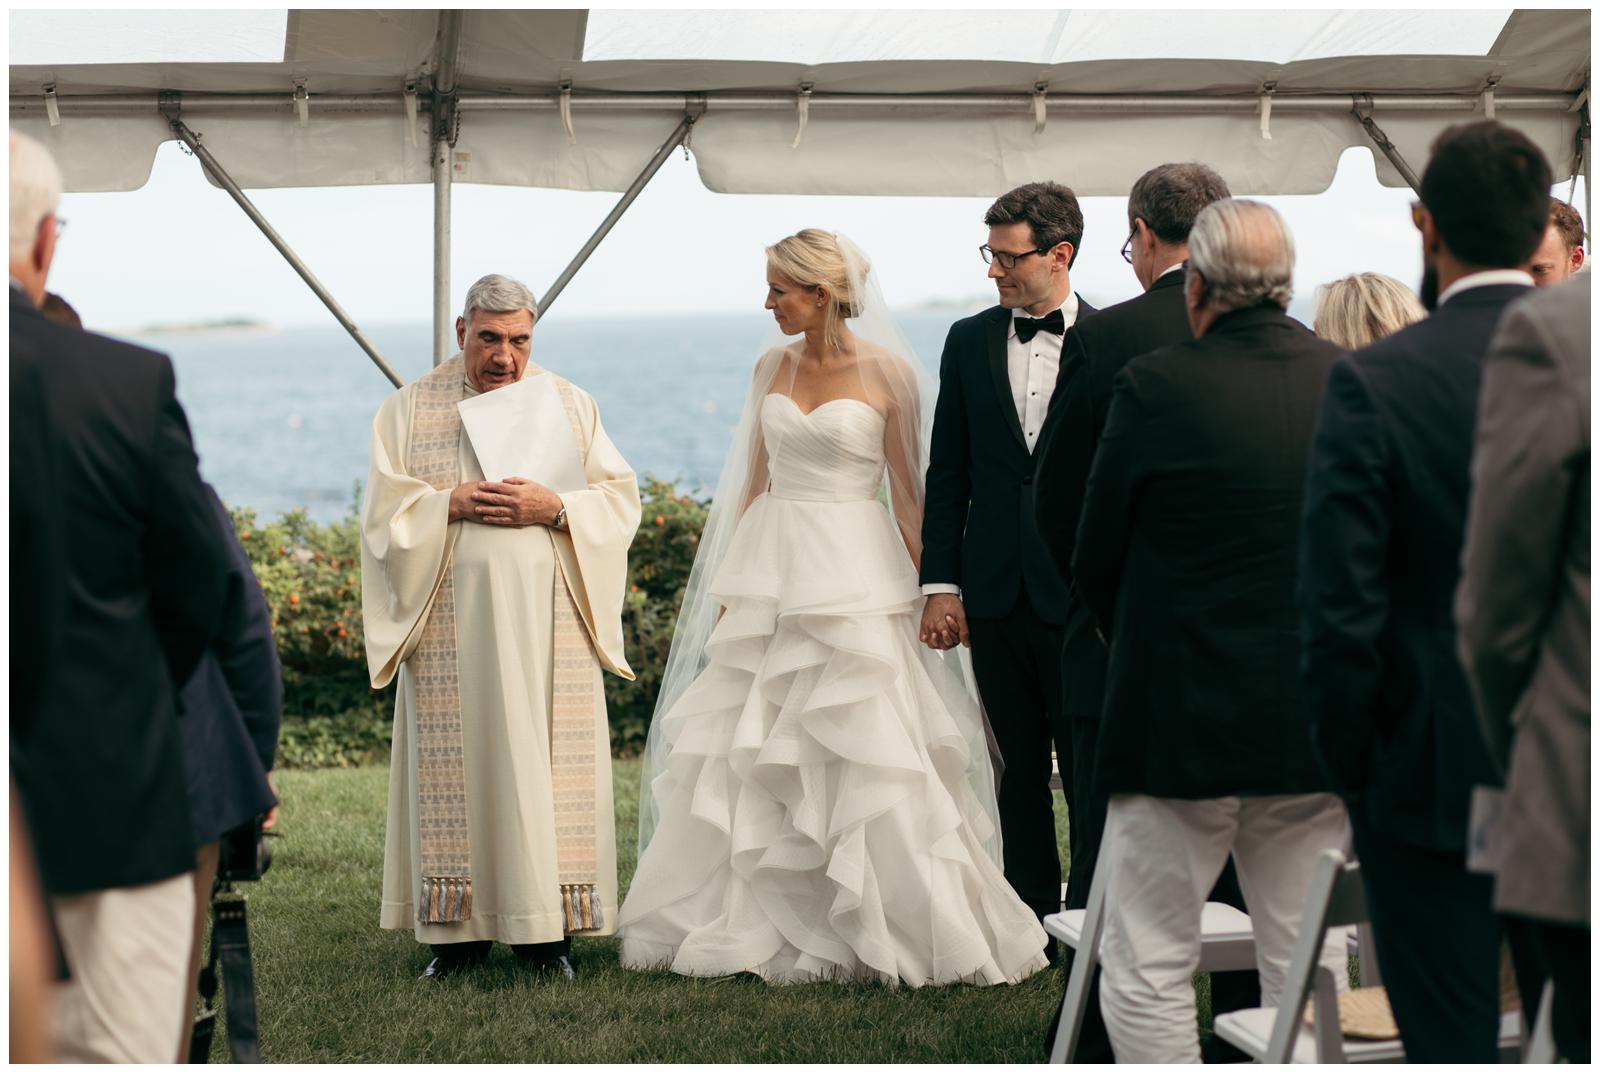 oceanside wedding venue Massachusetts